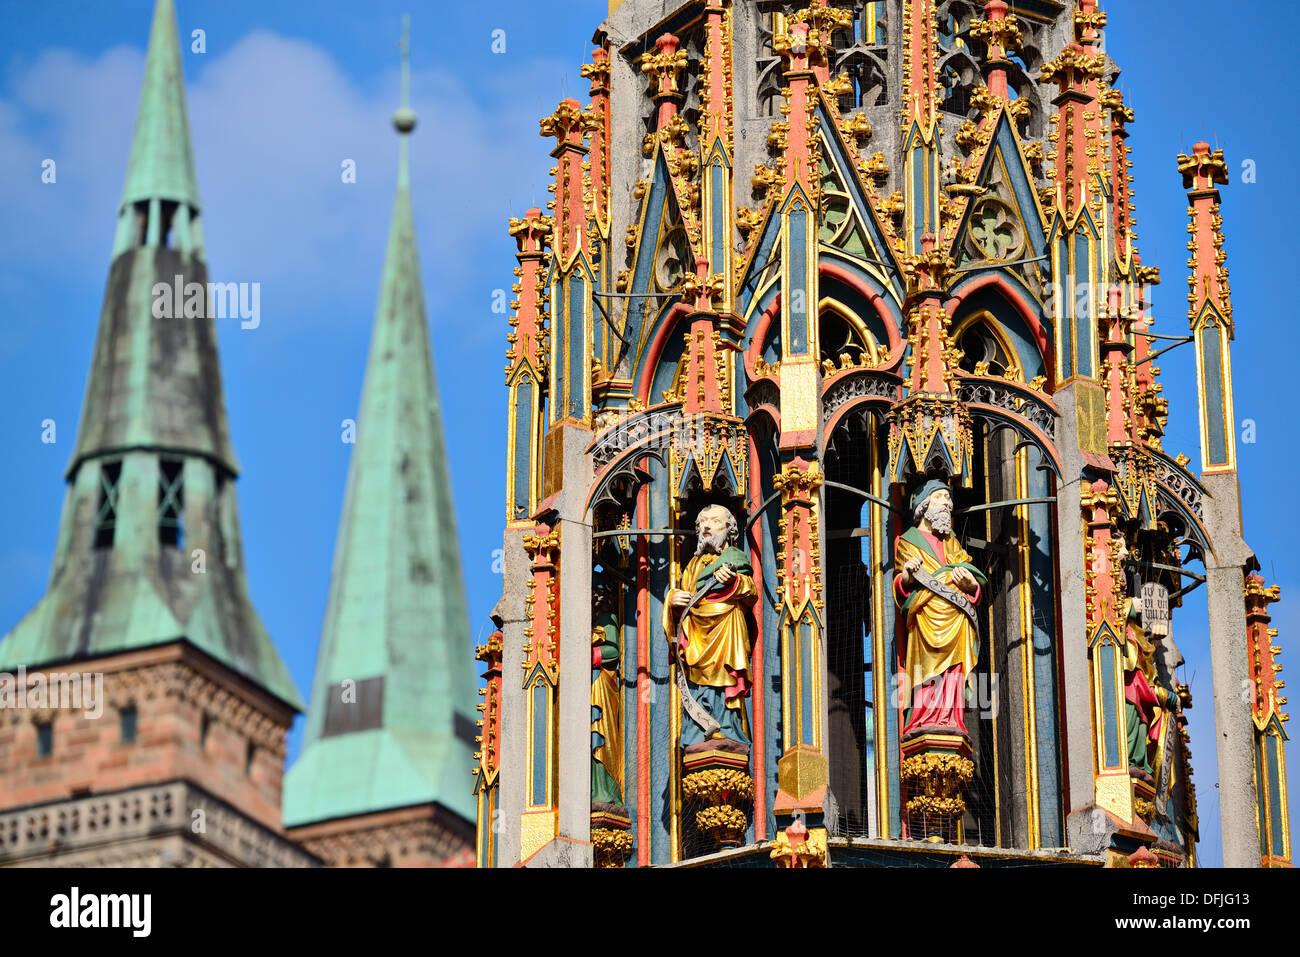 Détail de la belle fontaine à Nuremberg, Allemagne. Photo Stock